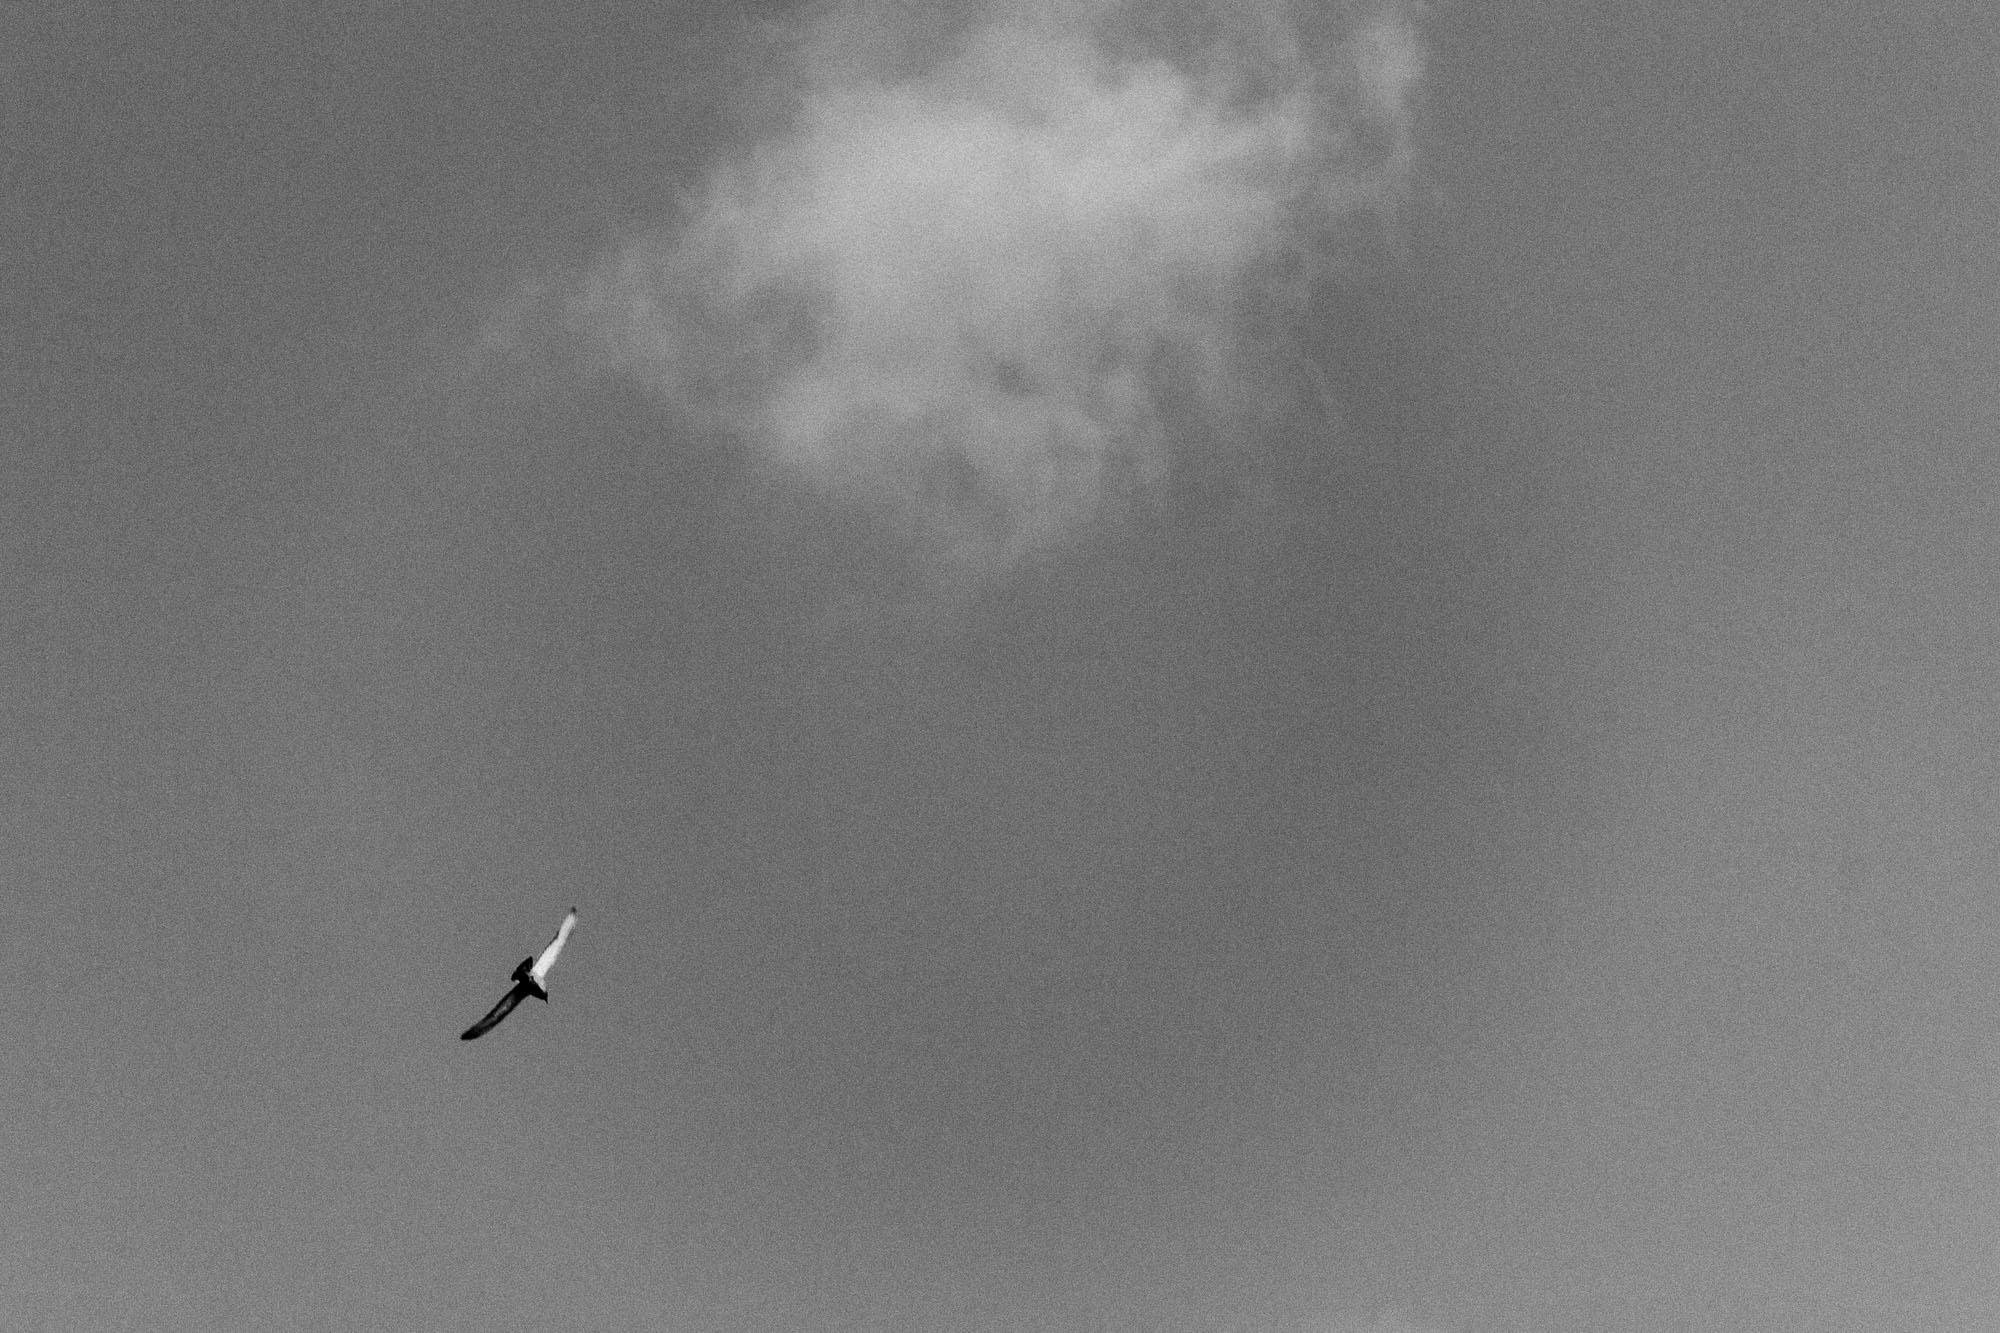 Gull, Cloud